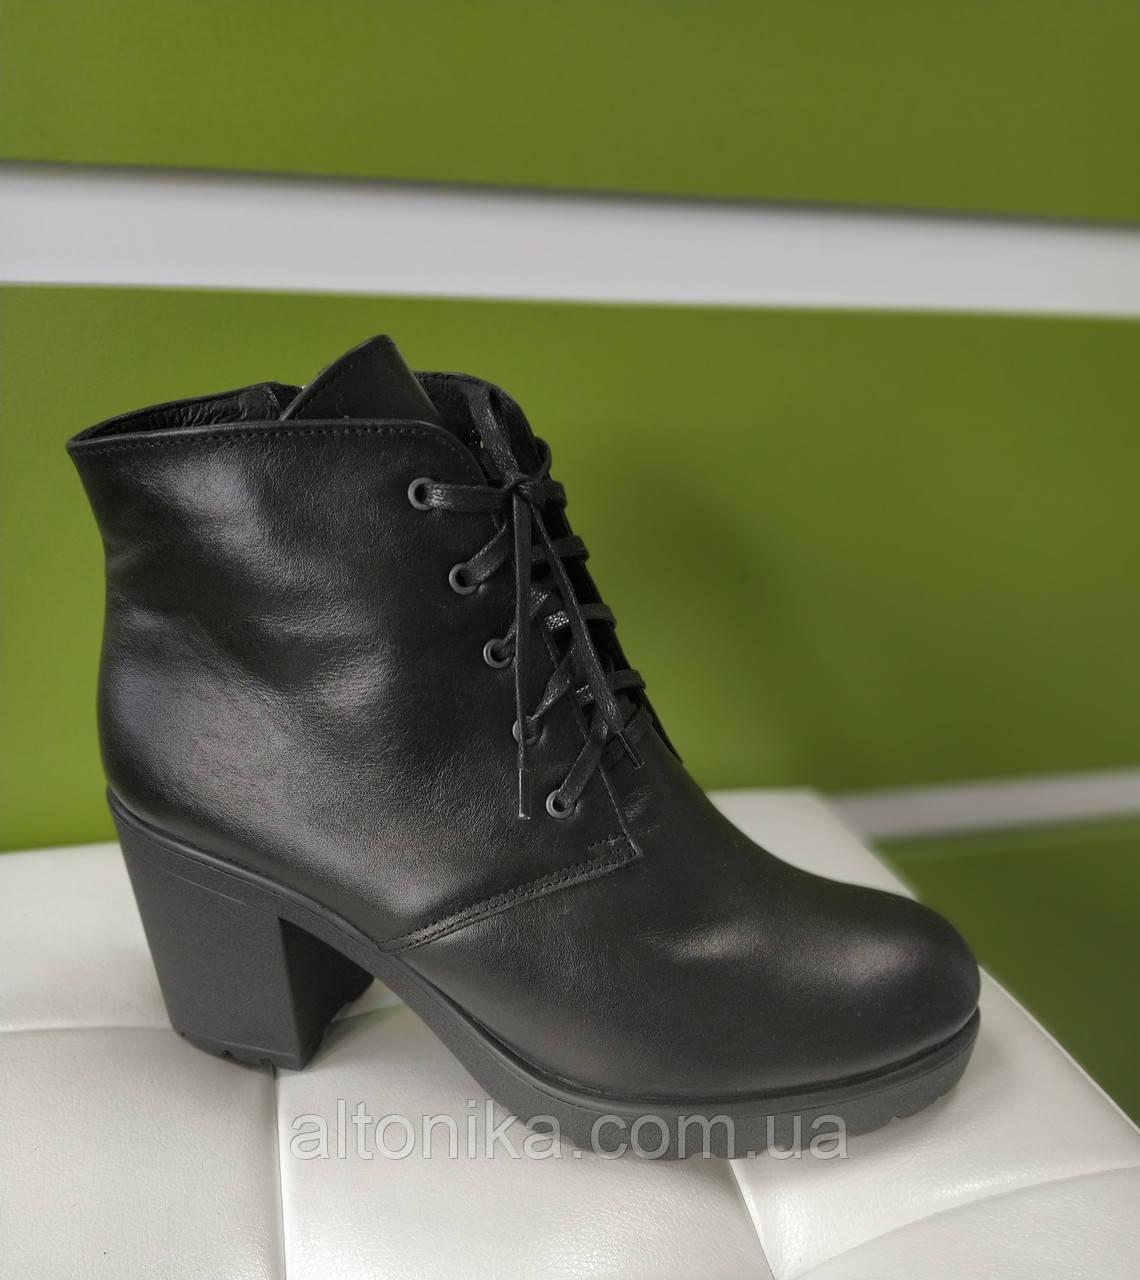 STTOPA деми зима. Размеры 35-42. Ботинки кожаные больших размеров! Каблук 8 см. С-9-2-3542-8-3542 Черные